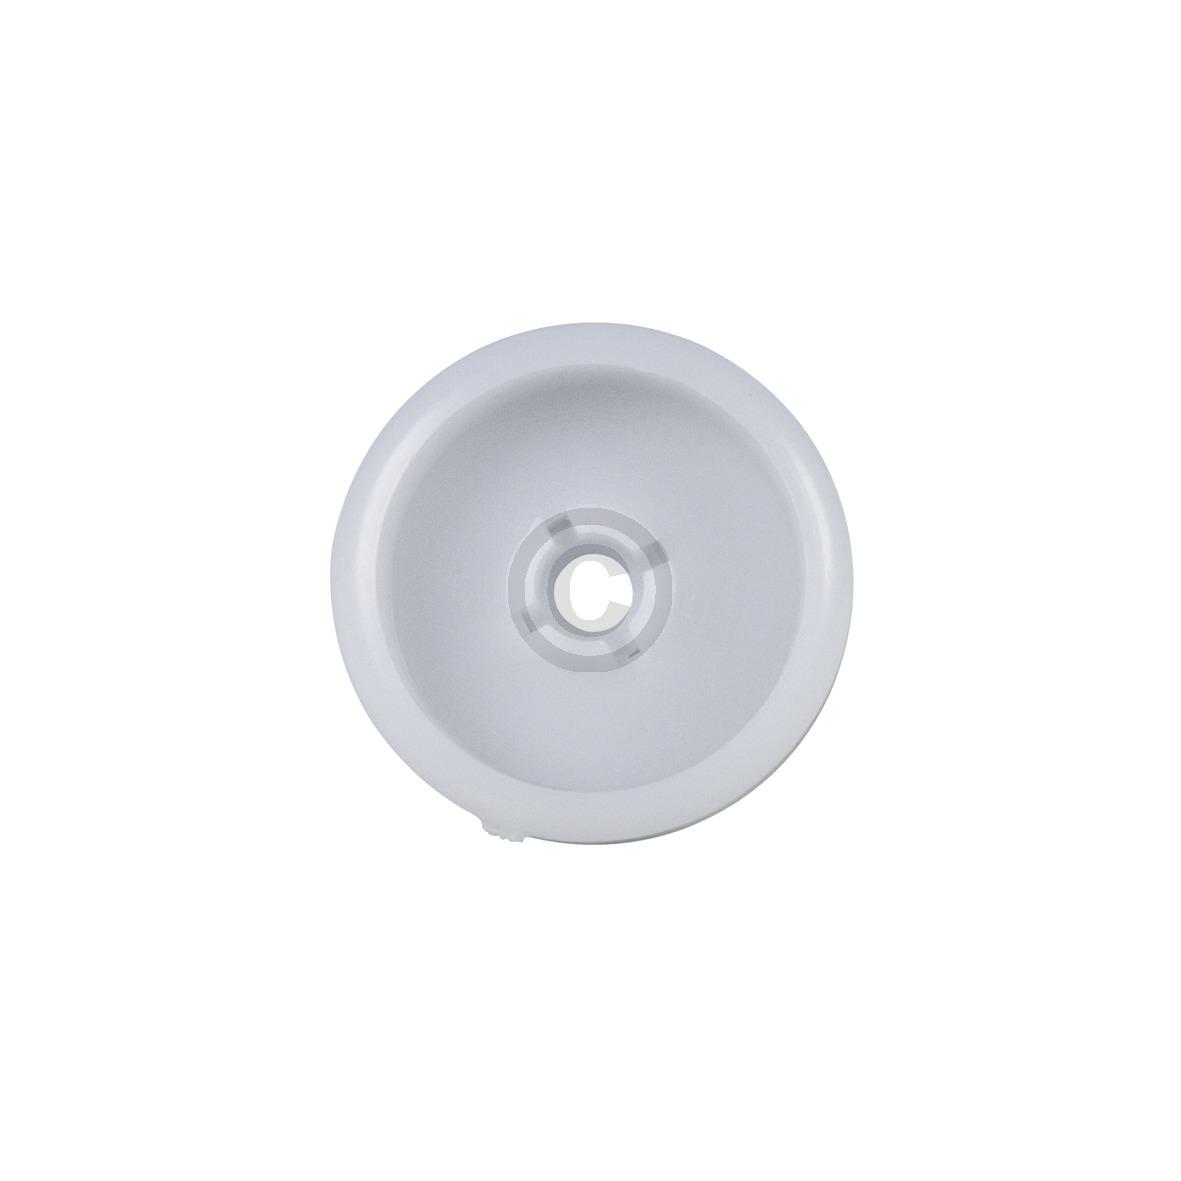 Korbrolle für Unterkorb, groß, 1 Stück 00066320 066320 Bosch, Siemens, Neff